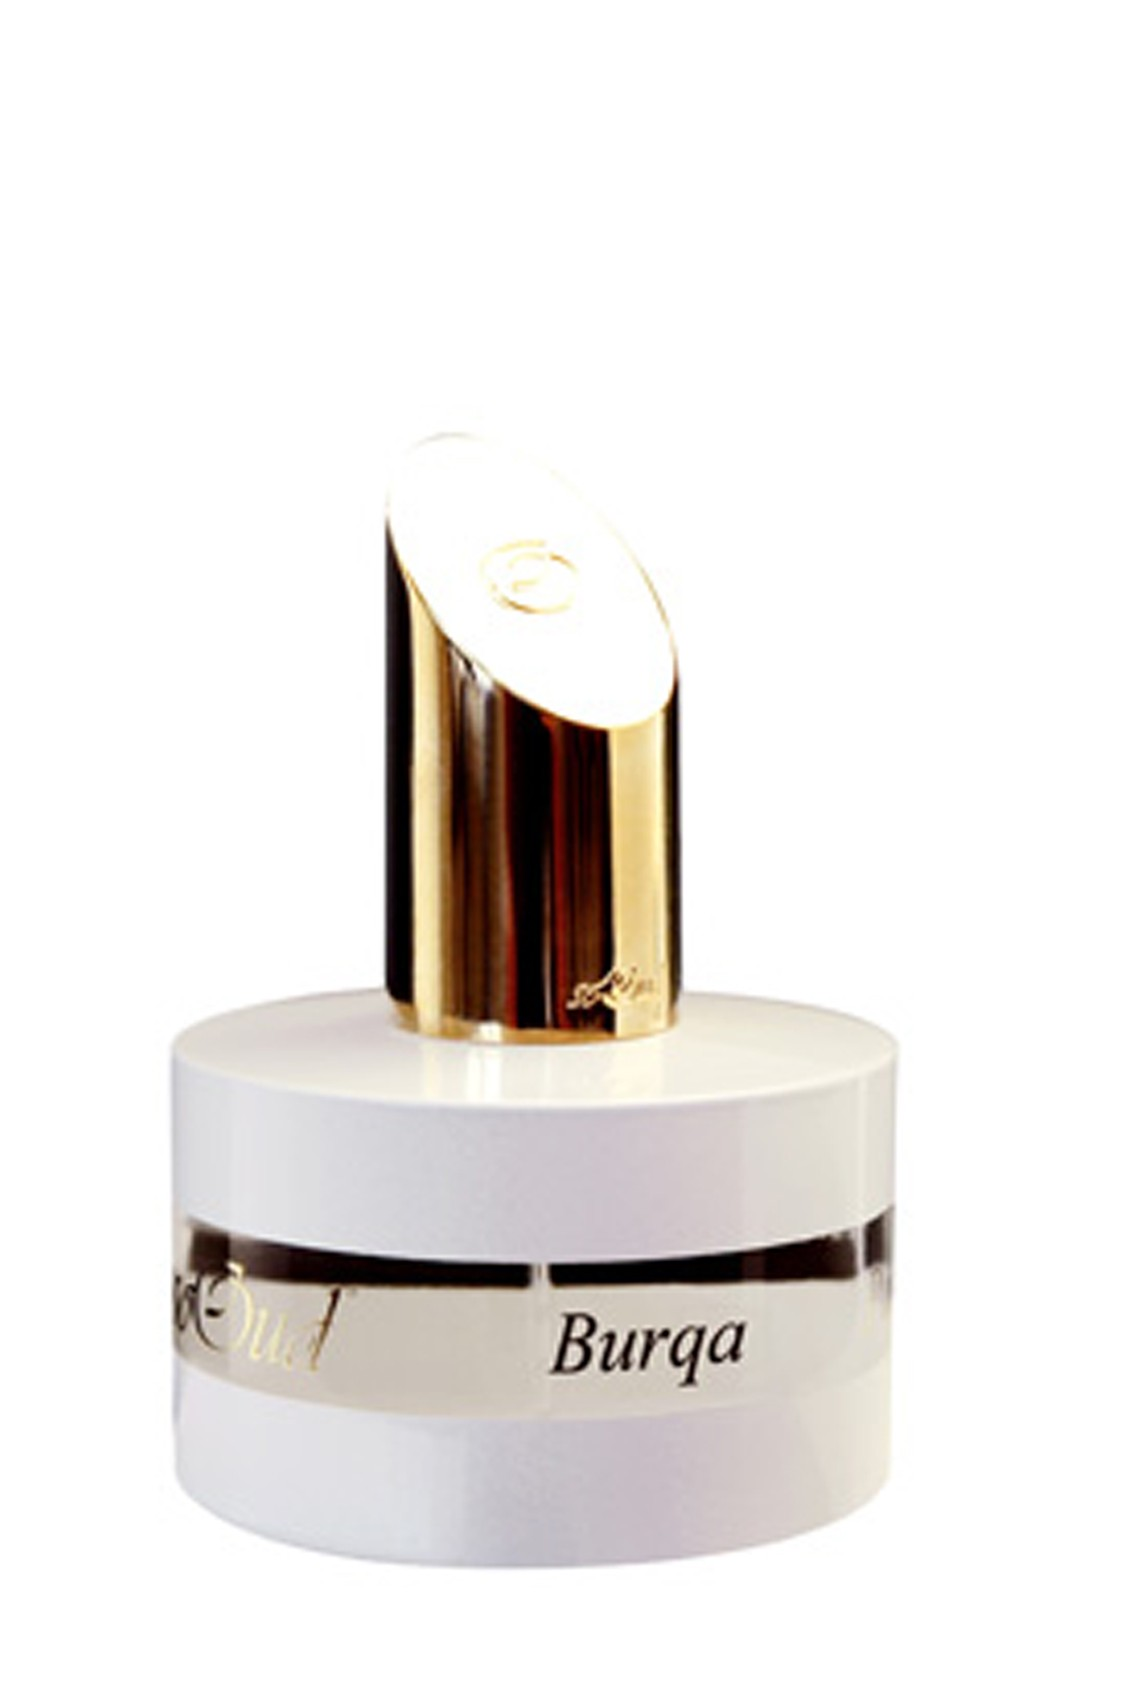 BURQUA EAU FINE 60 ML